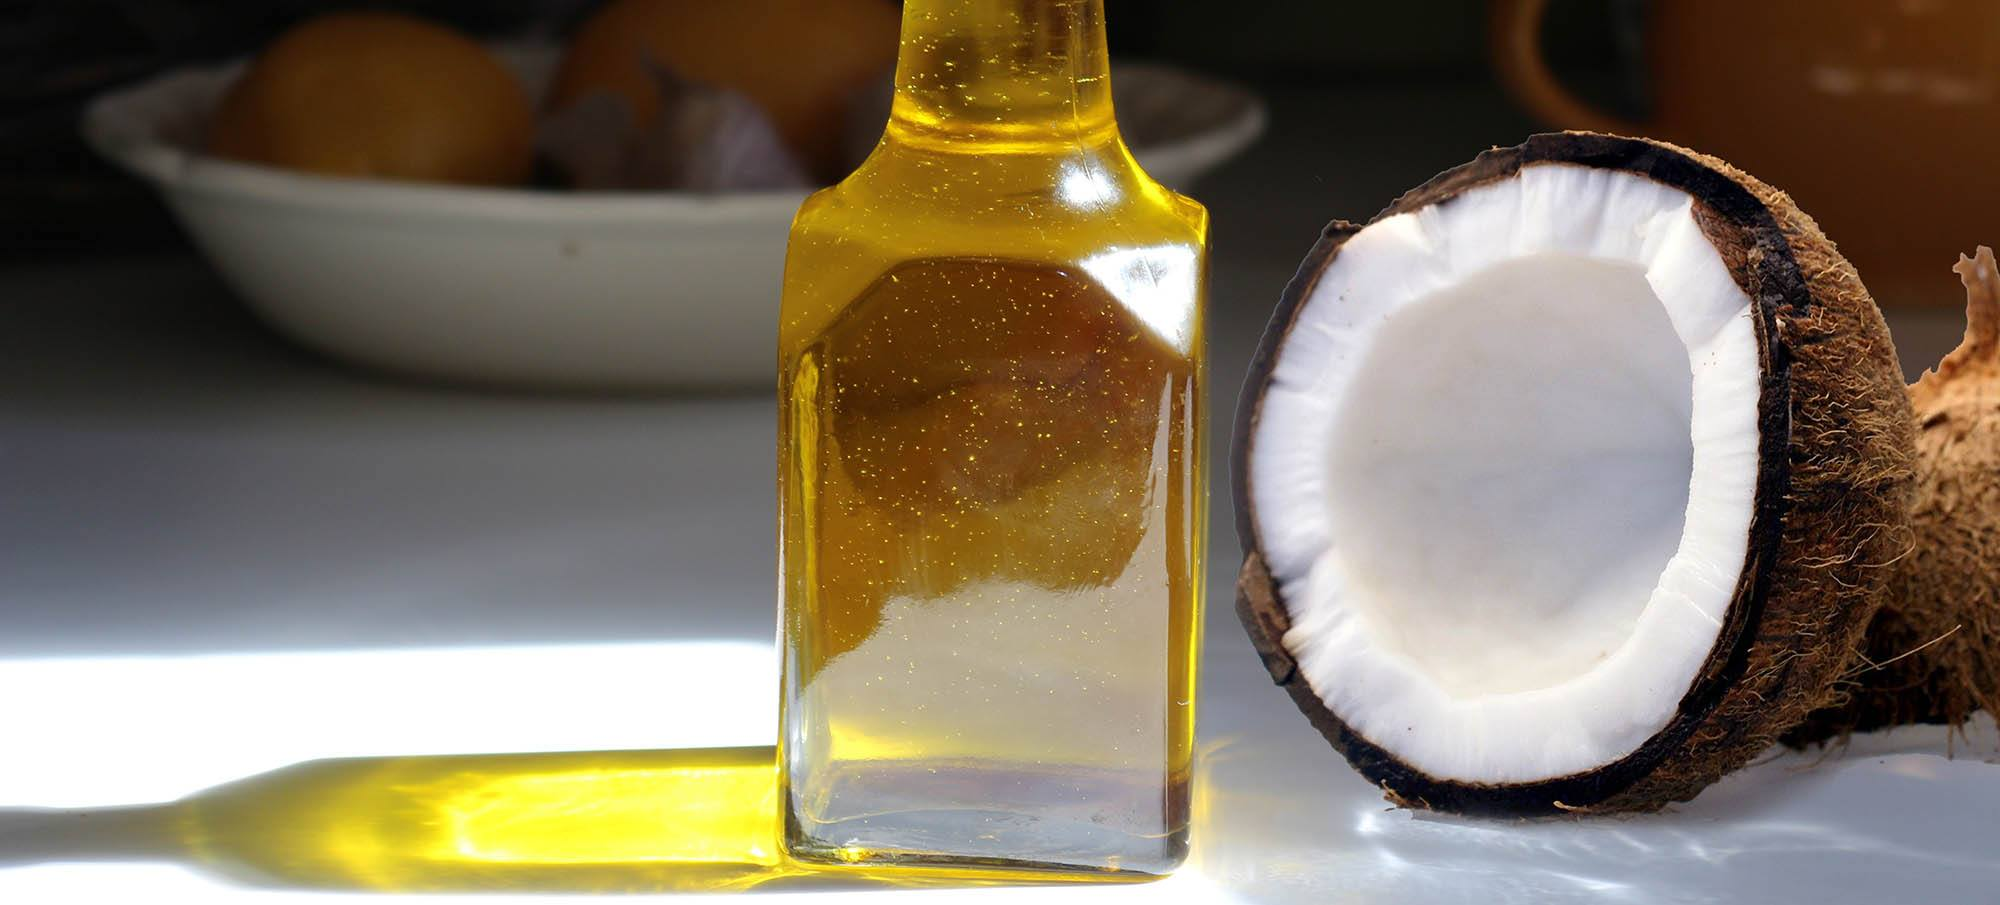 aceite de coco pregnancy que sirve tomarlo